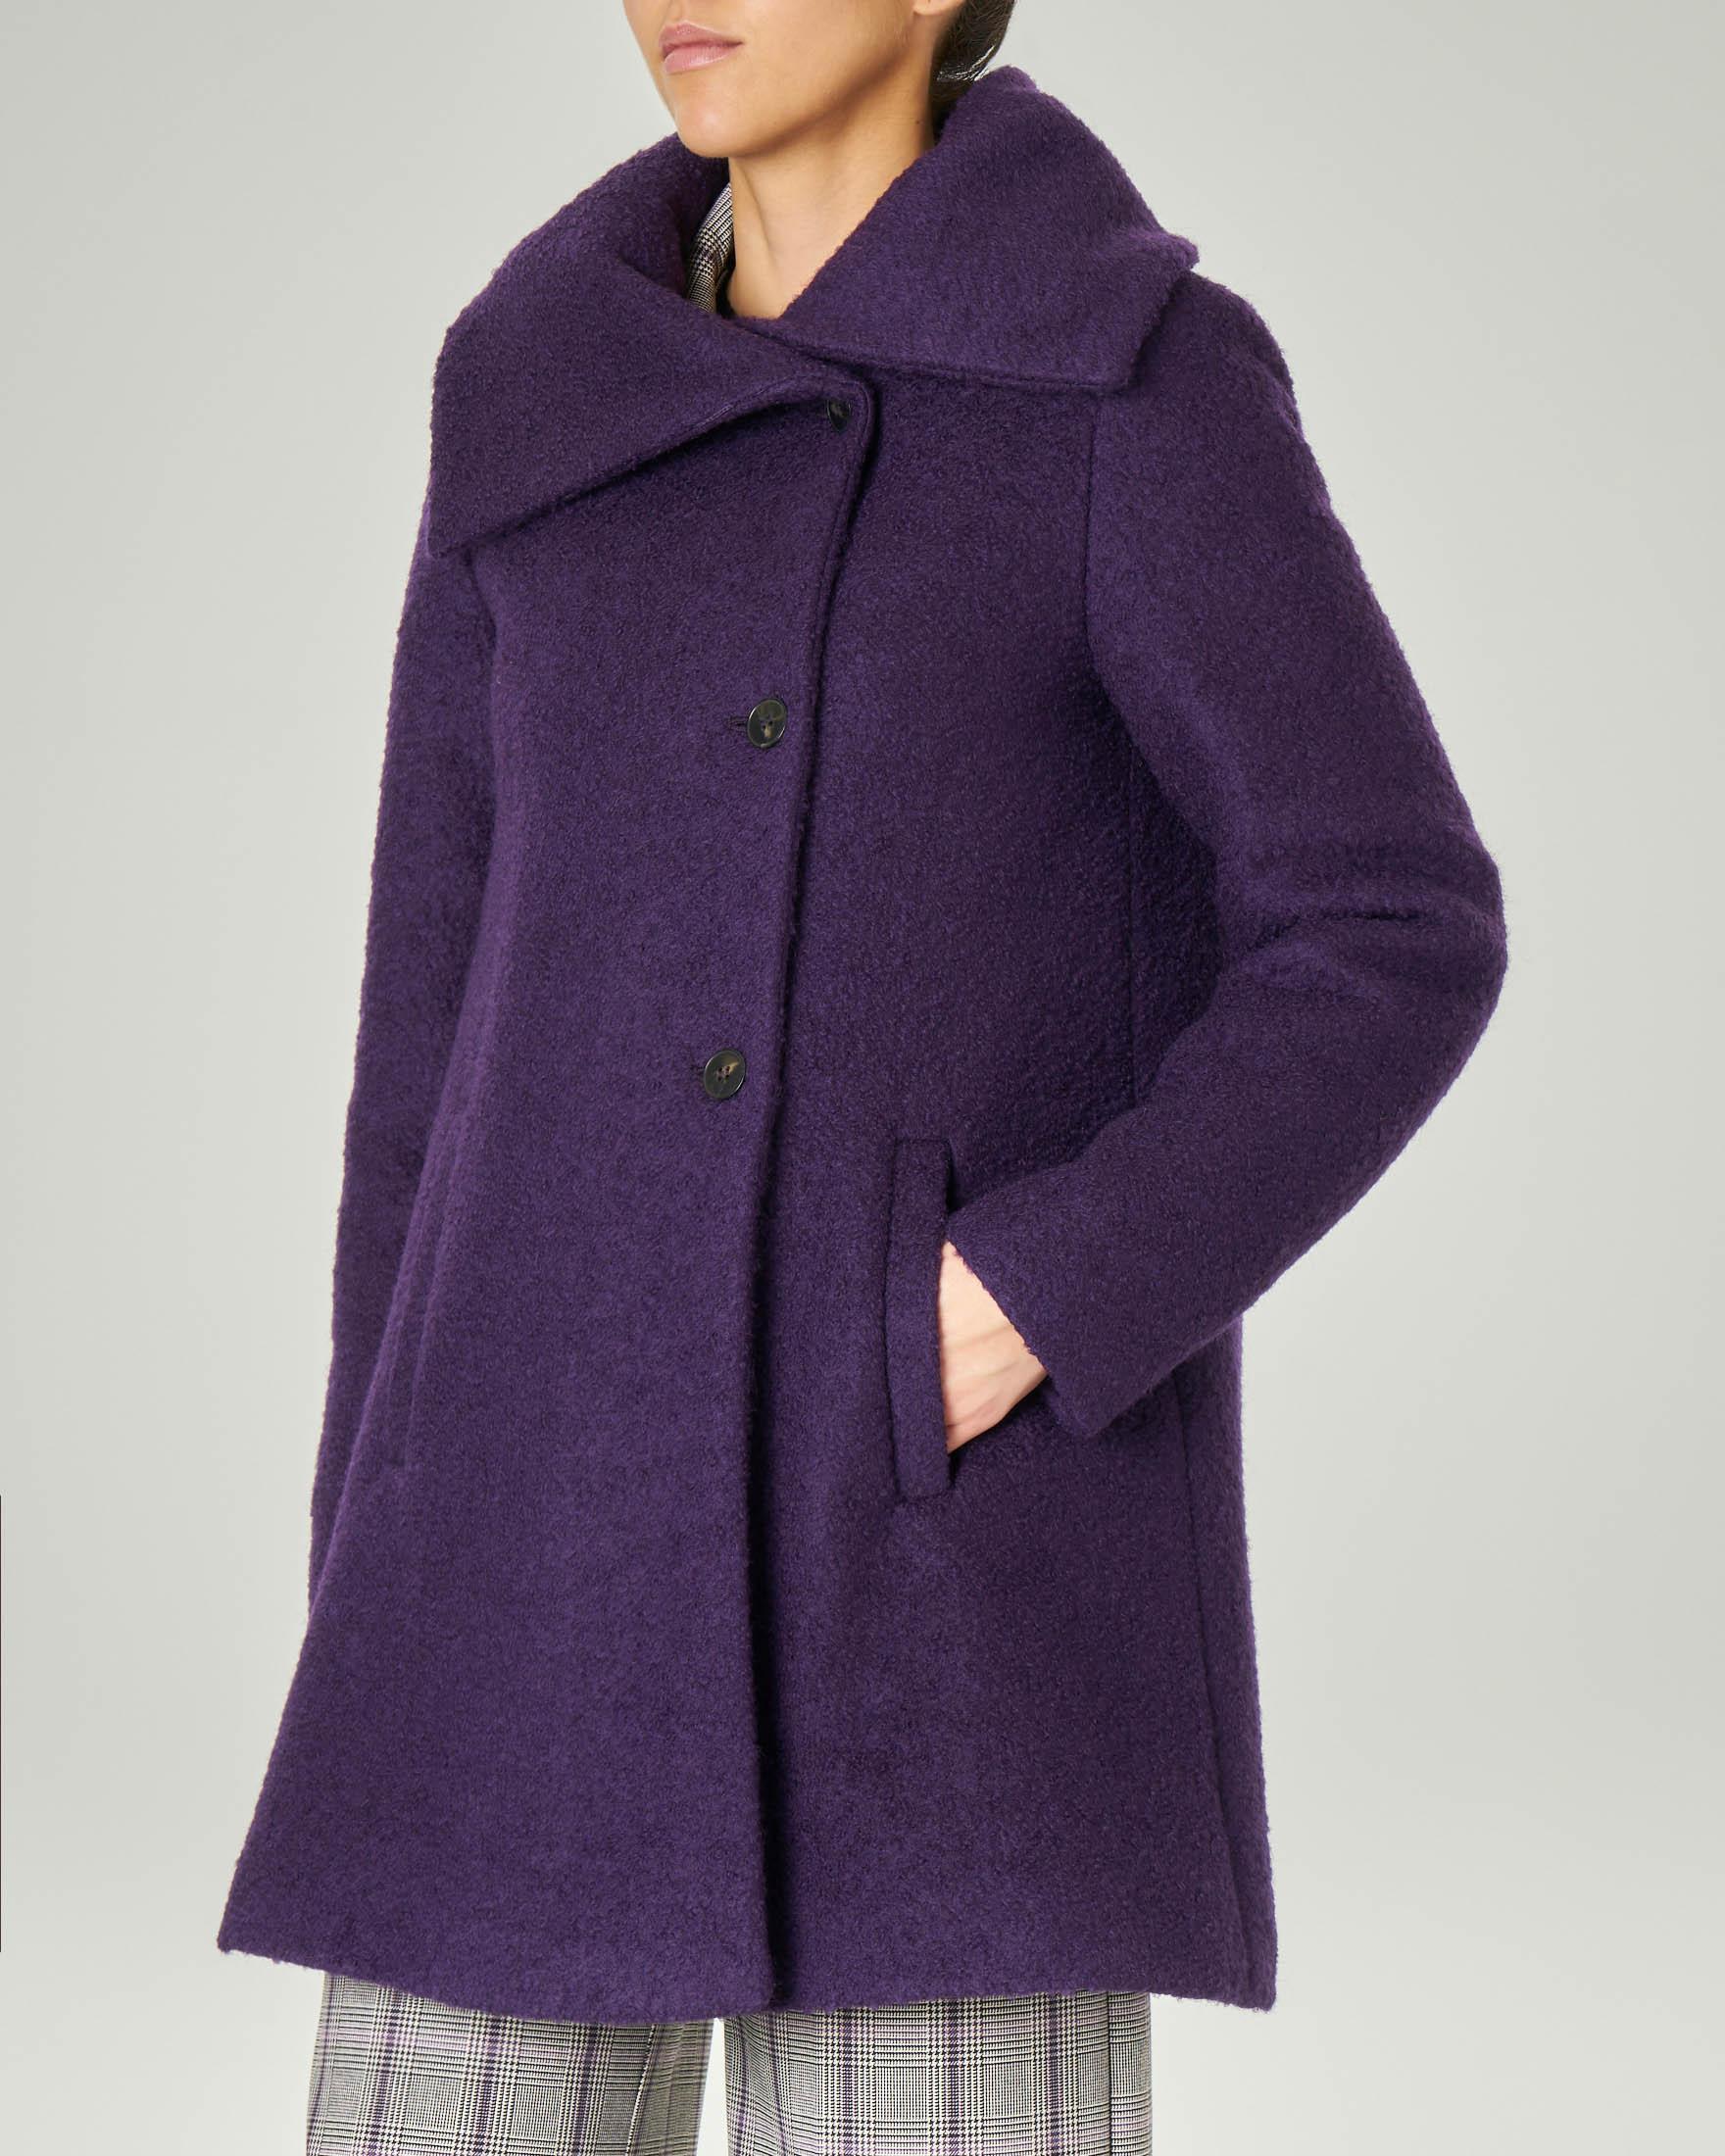 Cappotto viola in tessuto bouclé con ampio collo